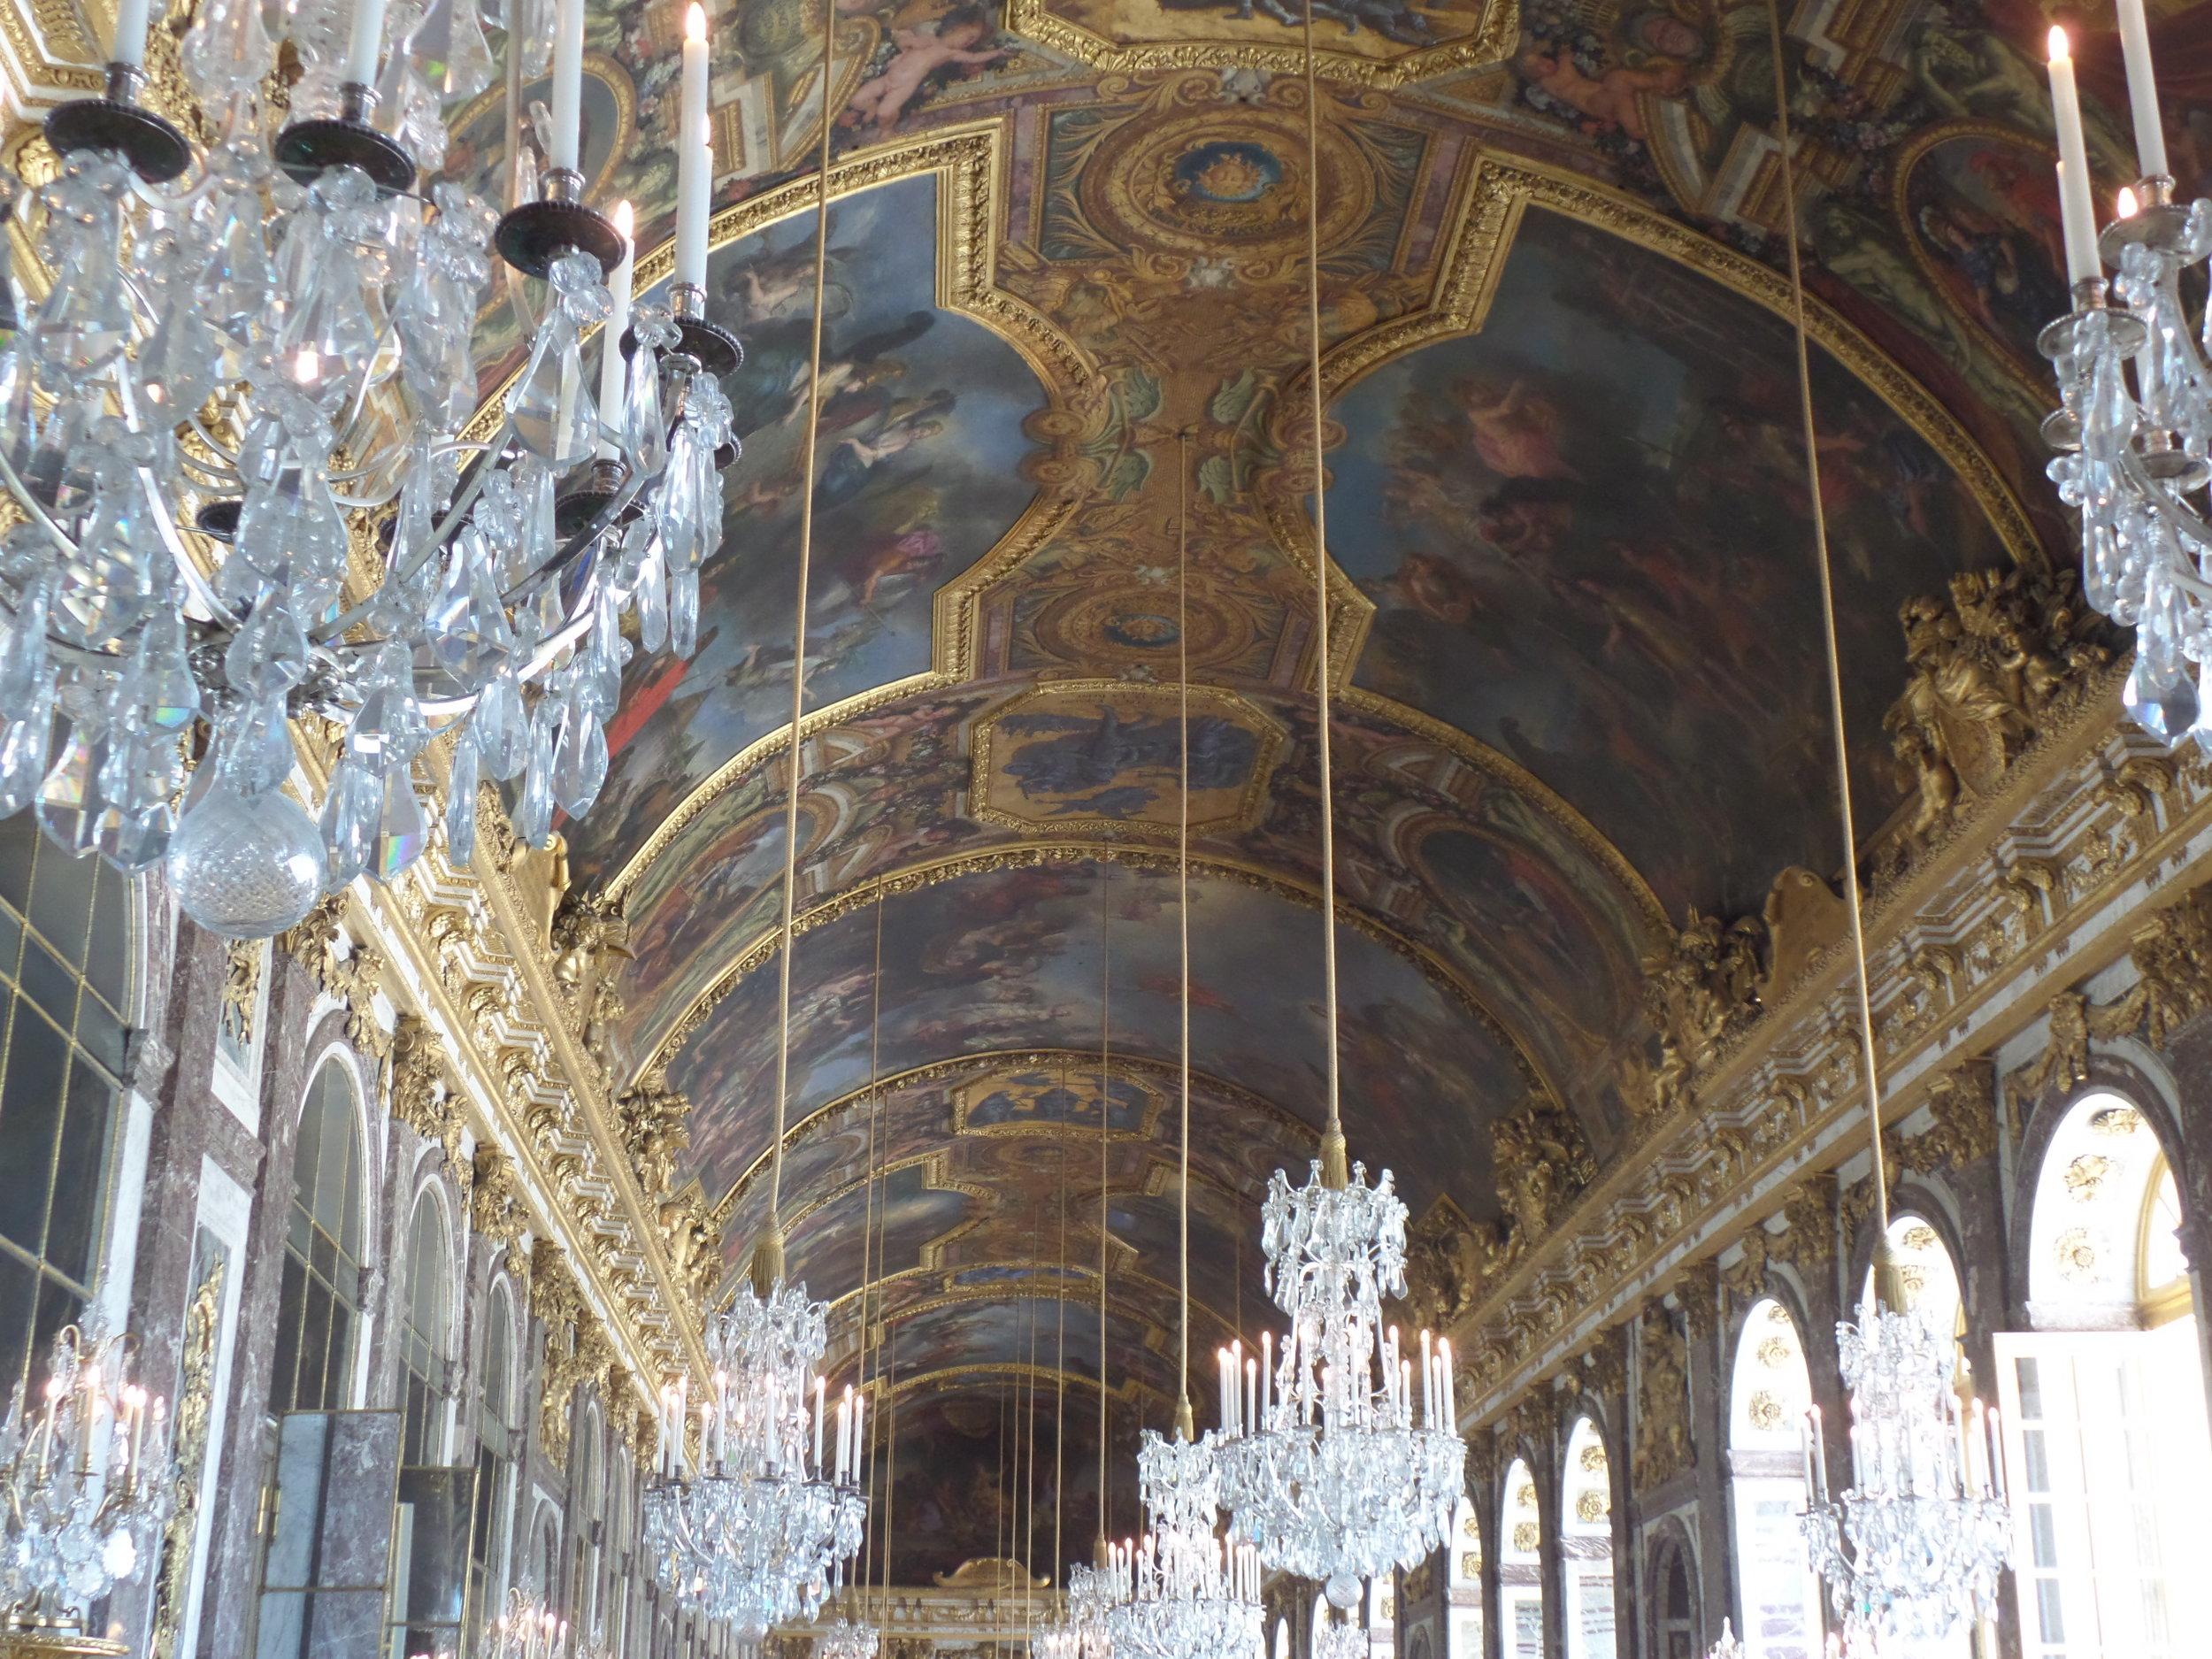 Plafond de la galerie des glaces du château de Versailles